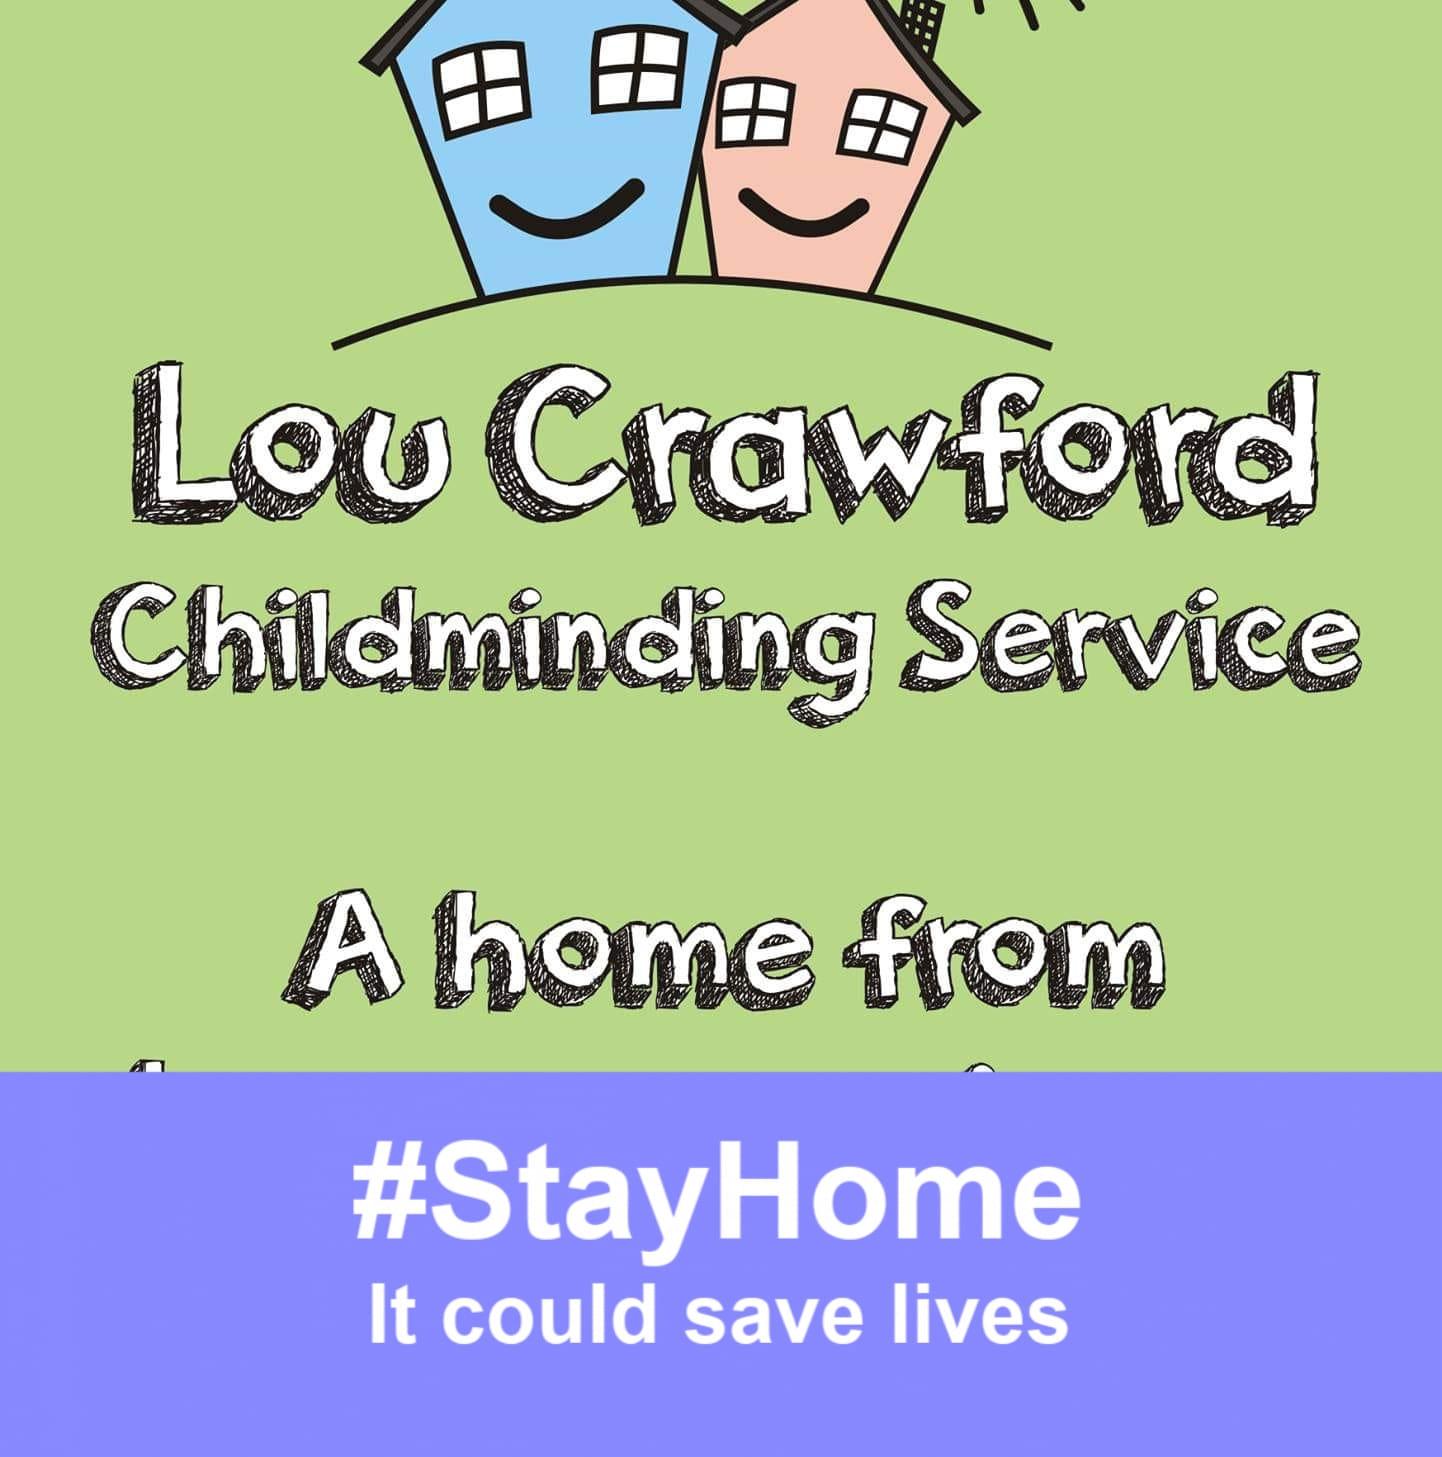 Lou Crawford Childminding